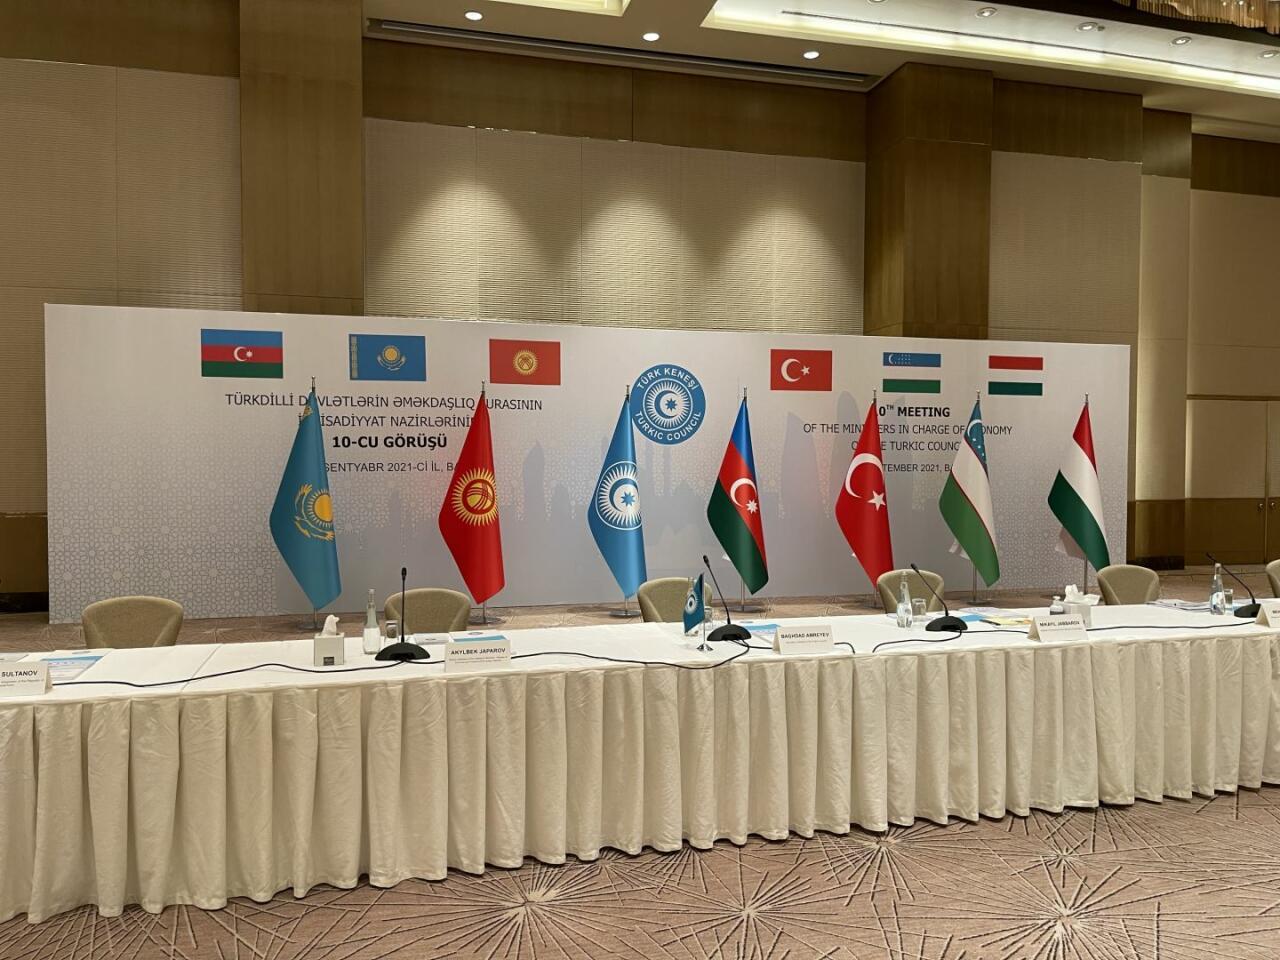 Тюркский совет является перспективной площадкой для развития региональных связей